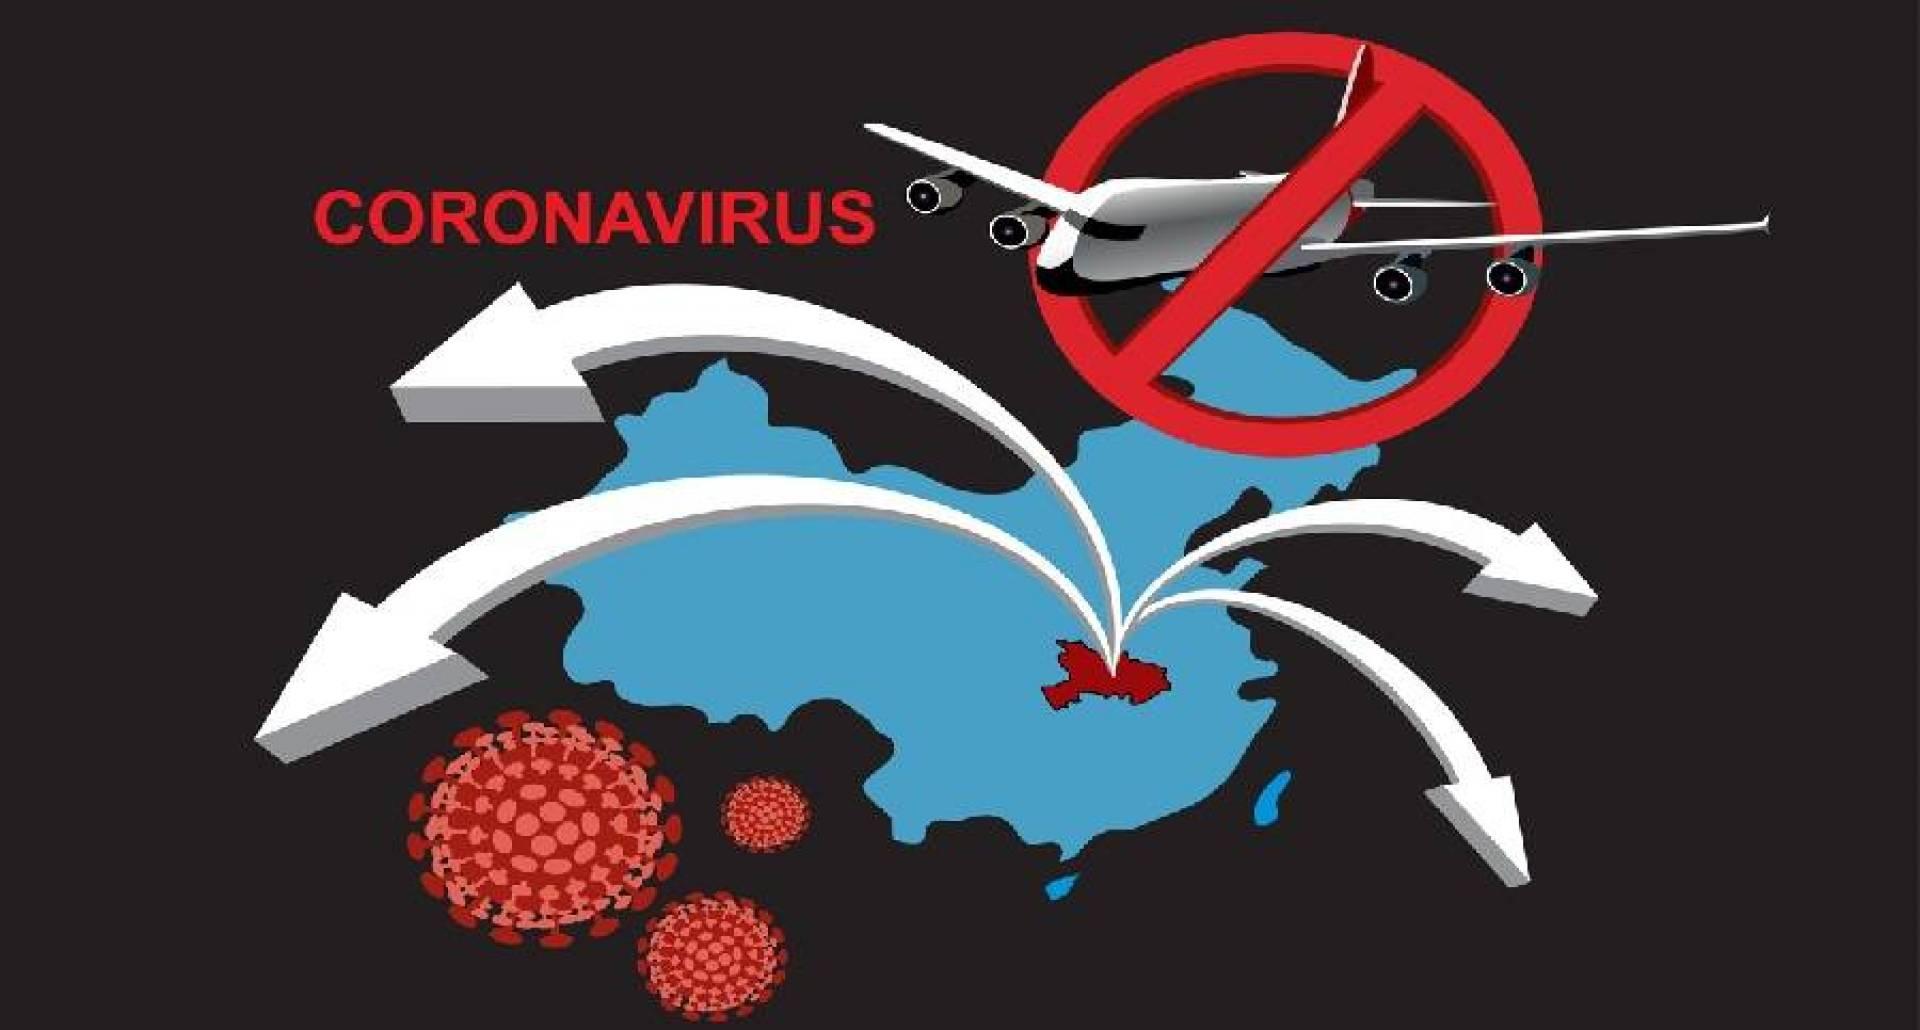 قائمة الدول الأكثر عرضة لمخاطر الإصابة بـ «فيروس كورونا»